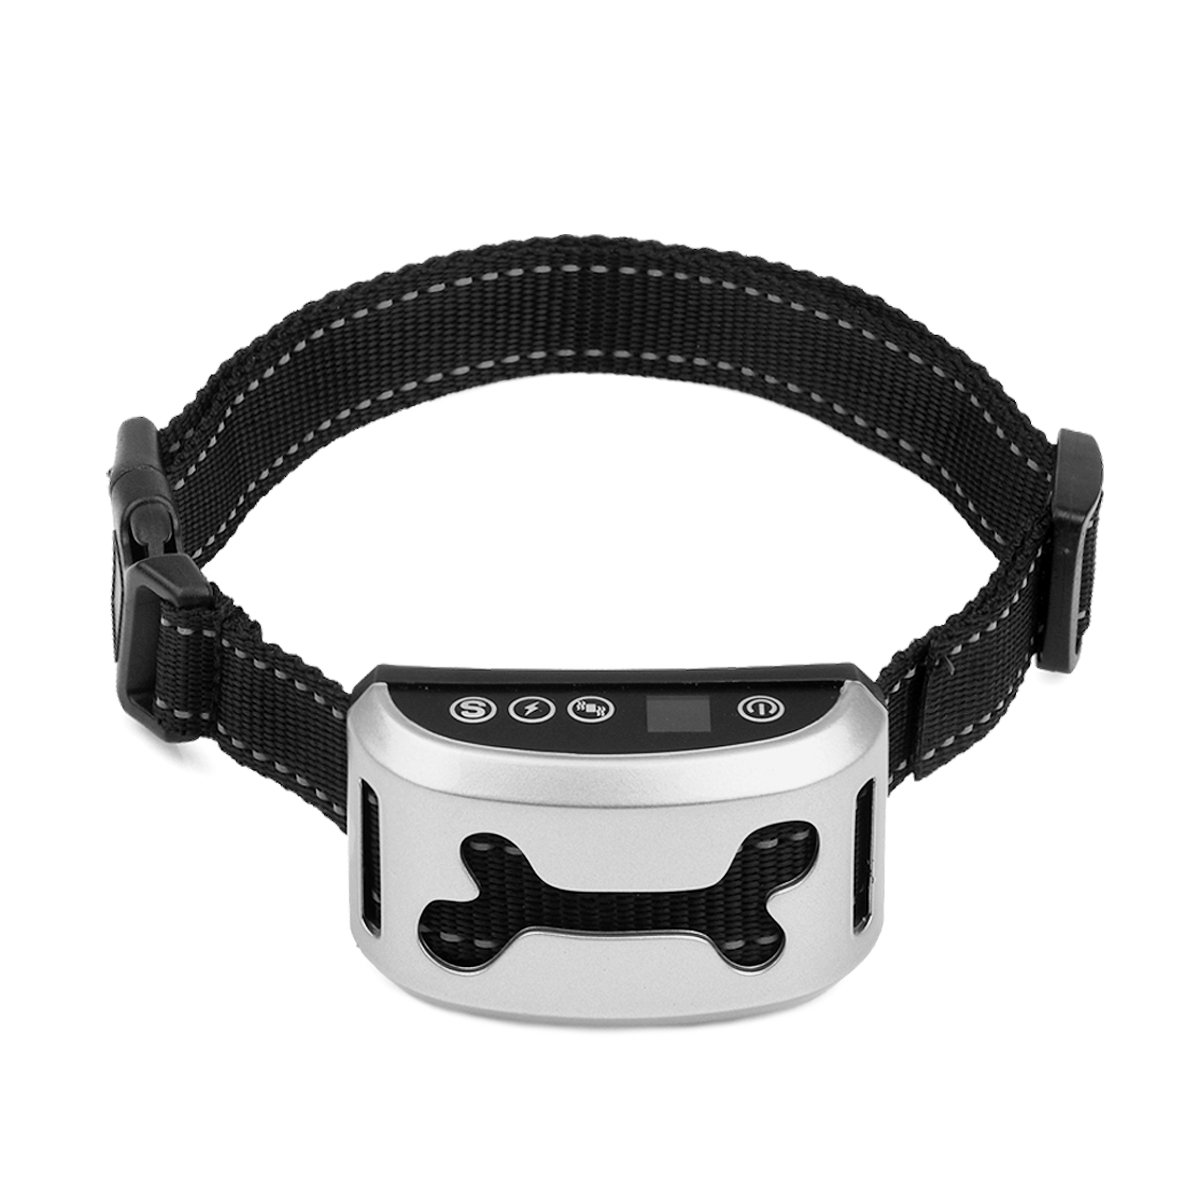 FOCHEA Collier Anti-aboiement pour Chien Bip Sonore & Vibration Rechargeable product image